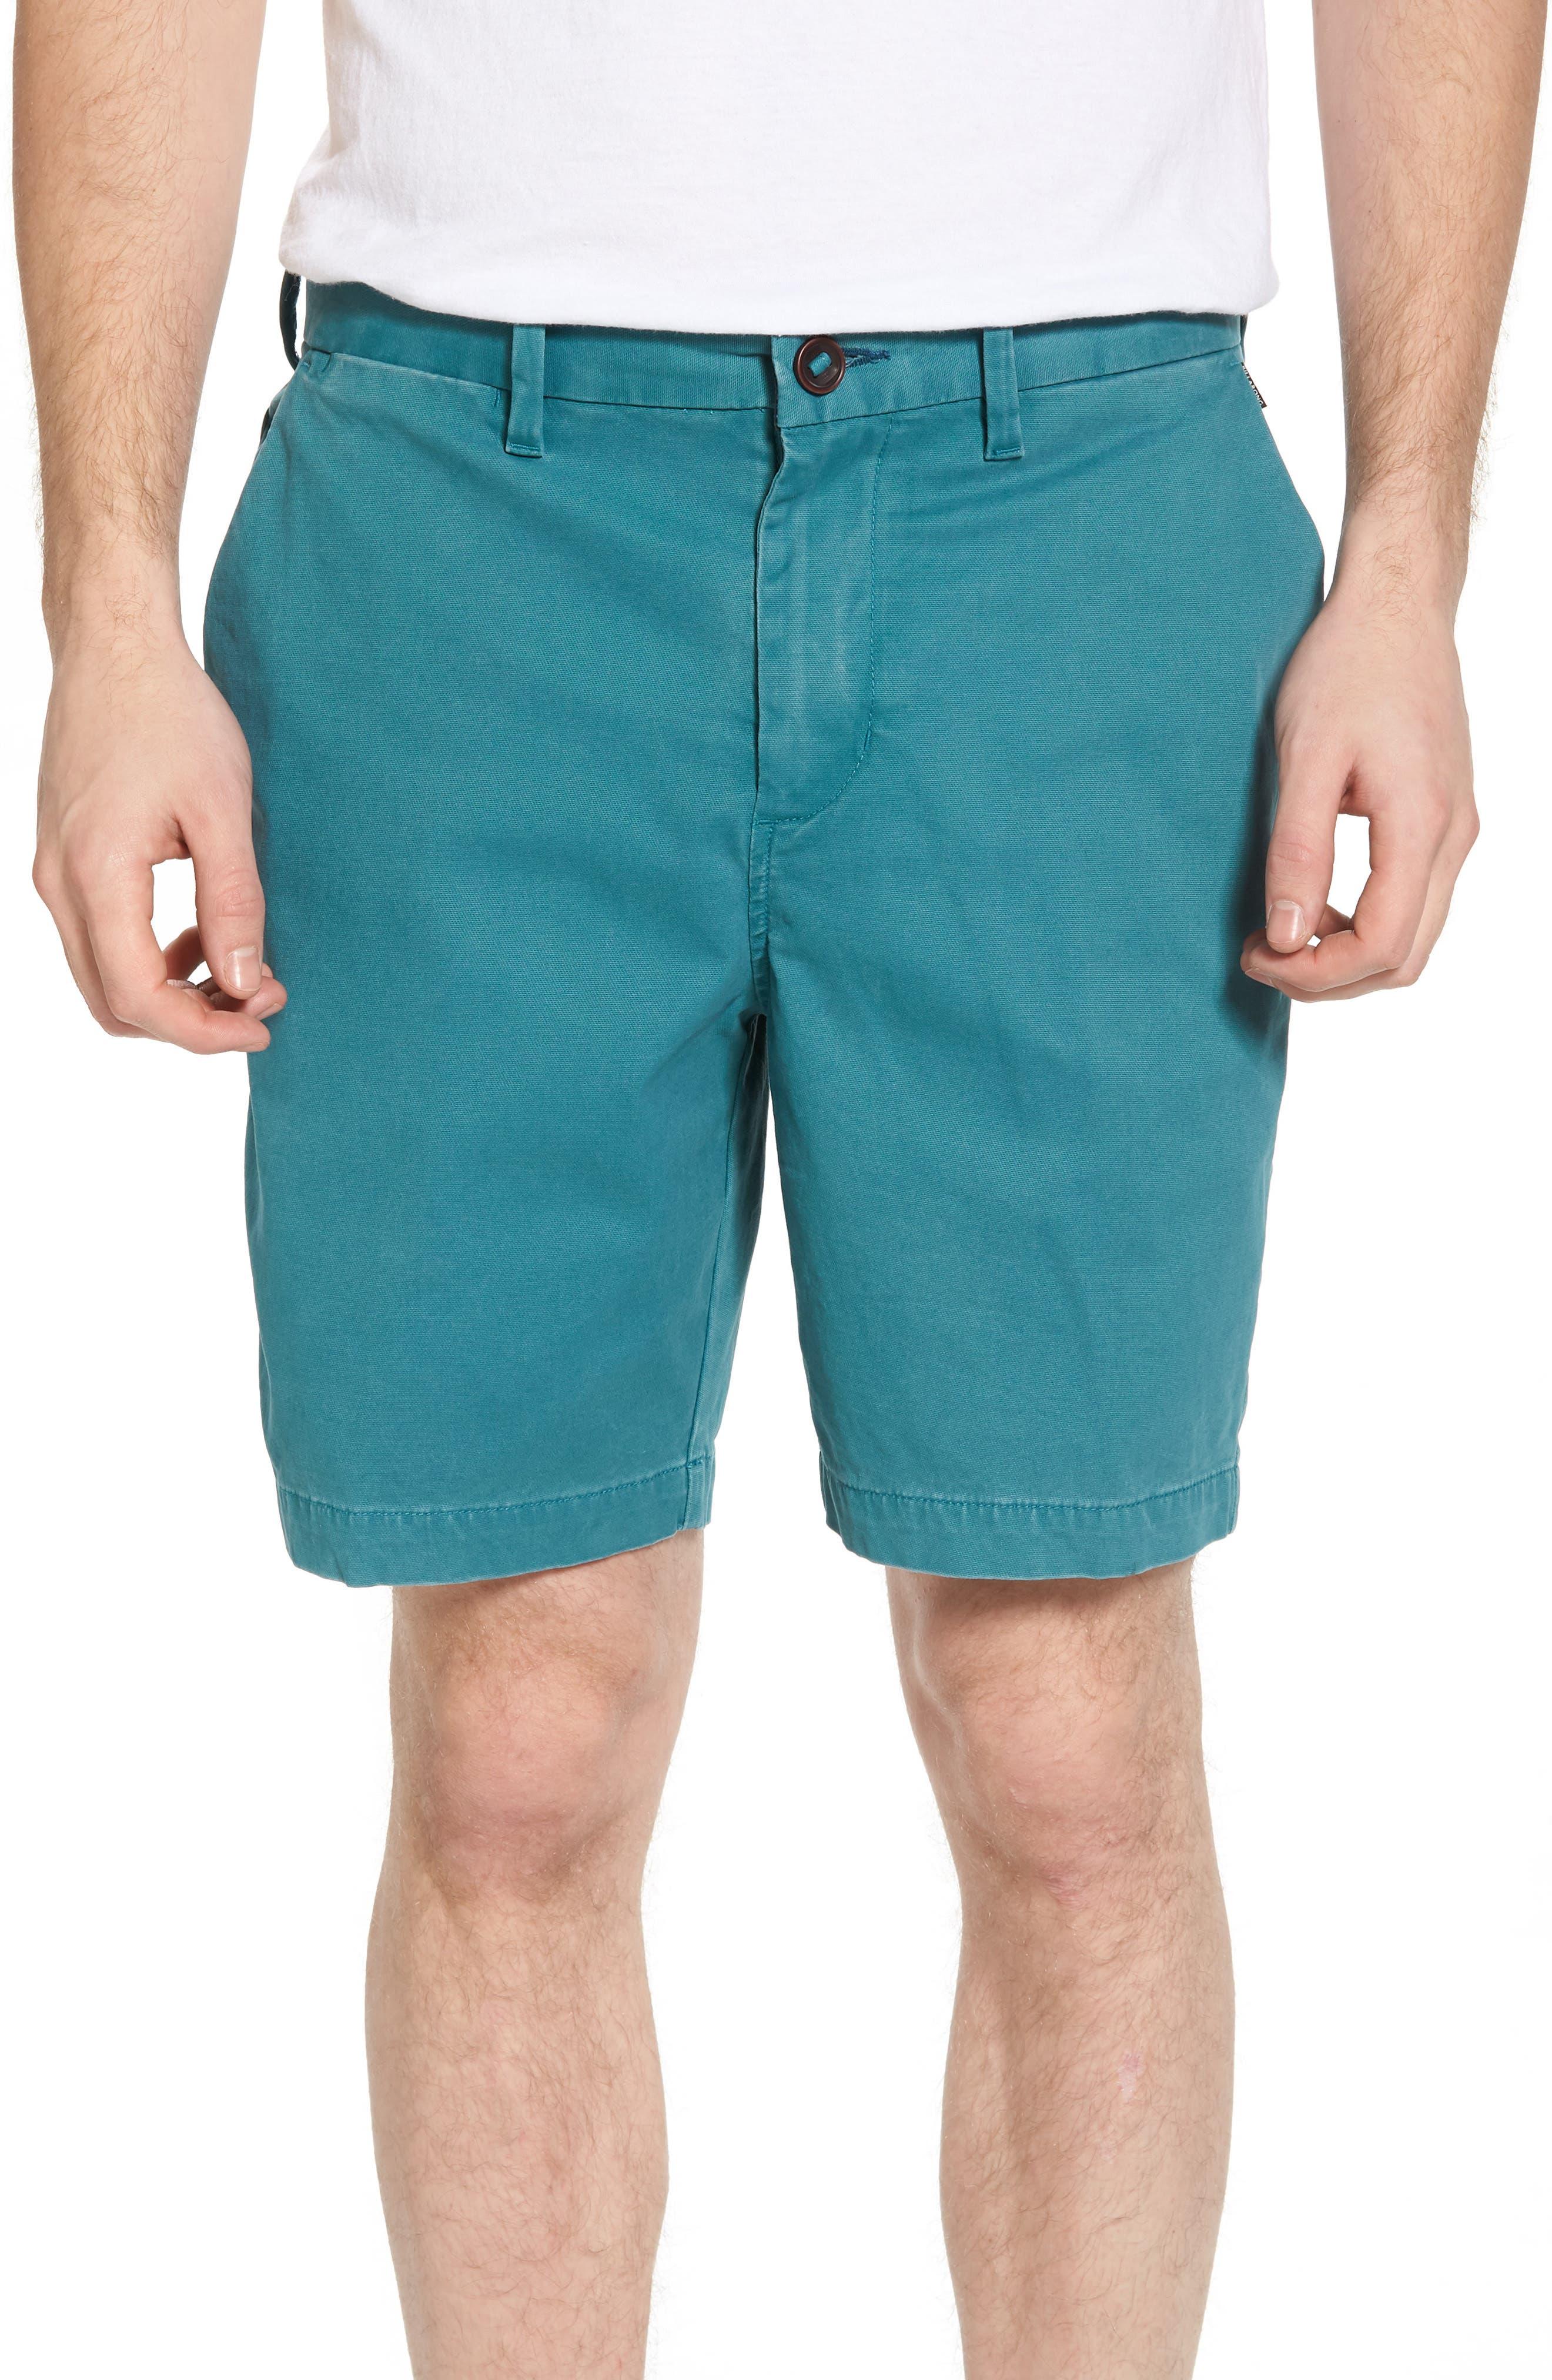 New Order Shorts,                             Main thumbnail 1, color,                             Hydro